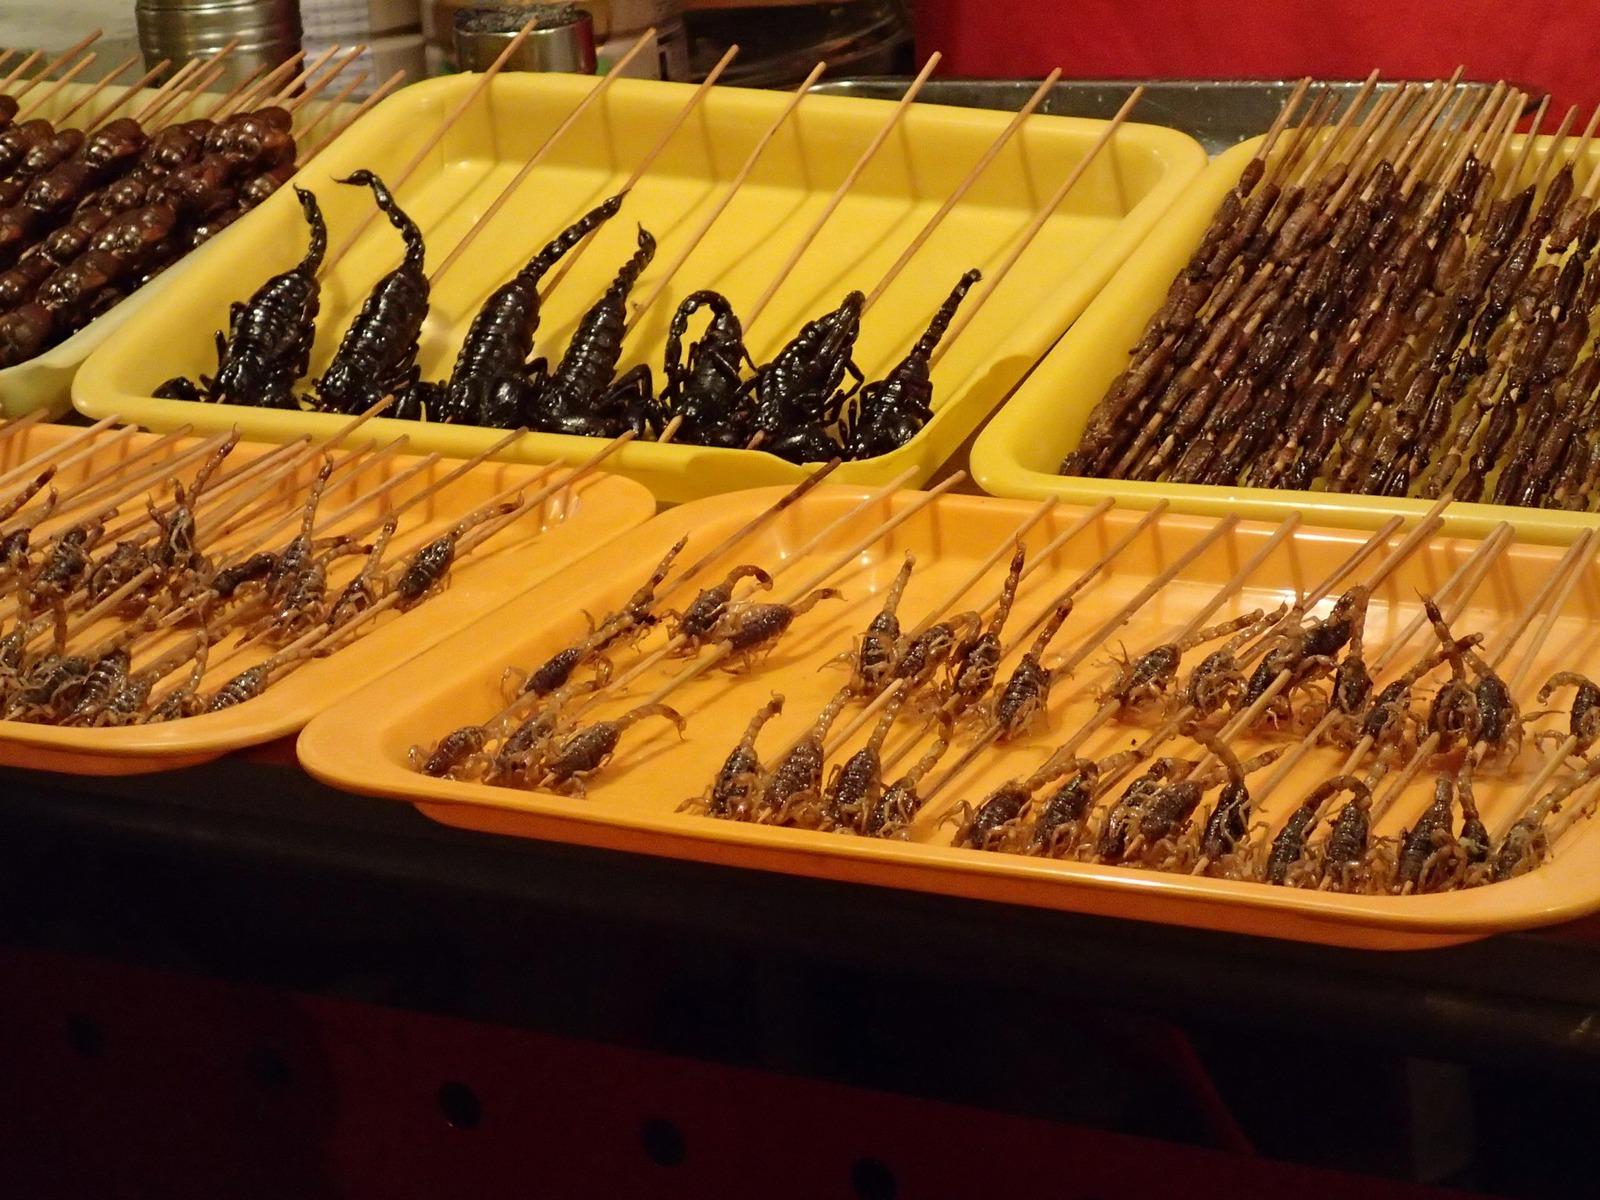 Côn trùng ở chợ đêm Bắc Kinh